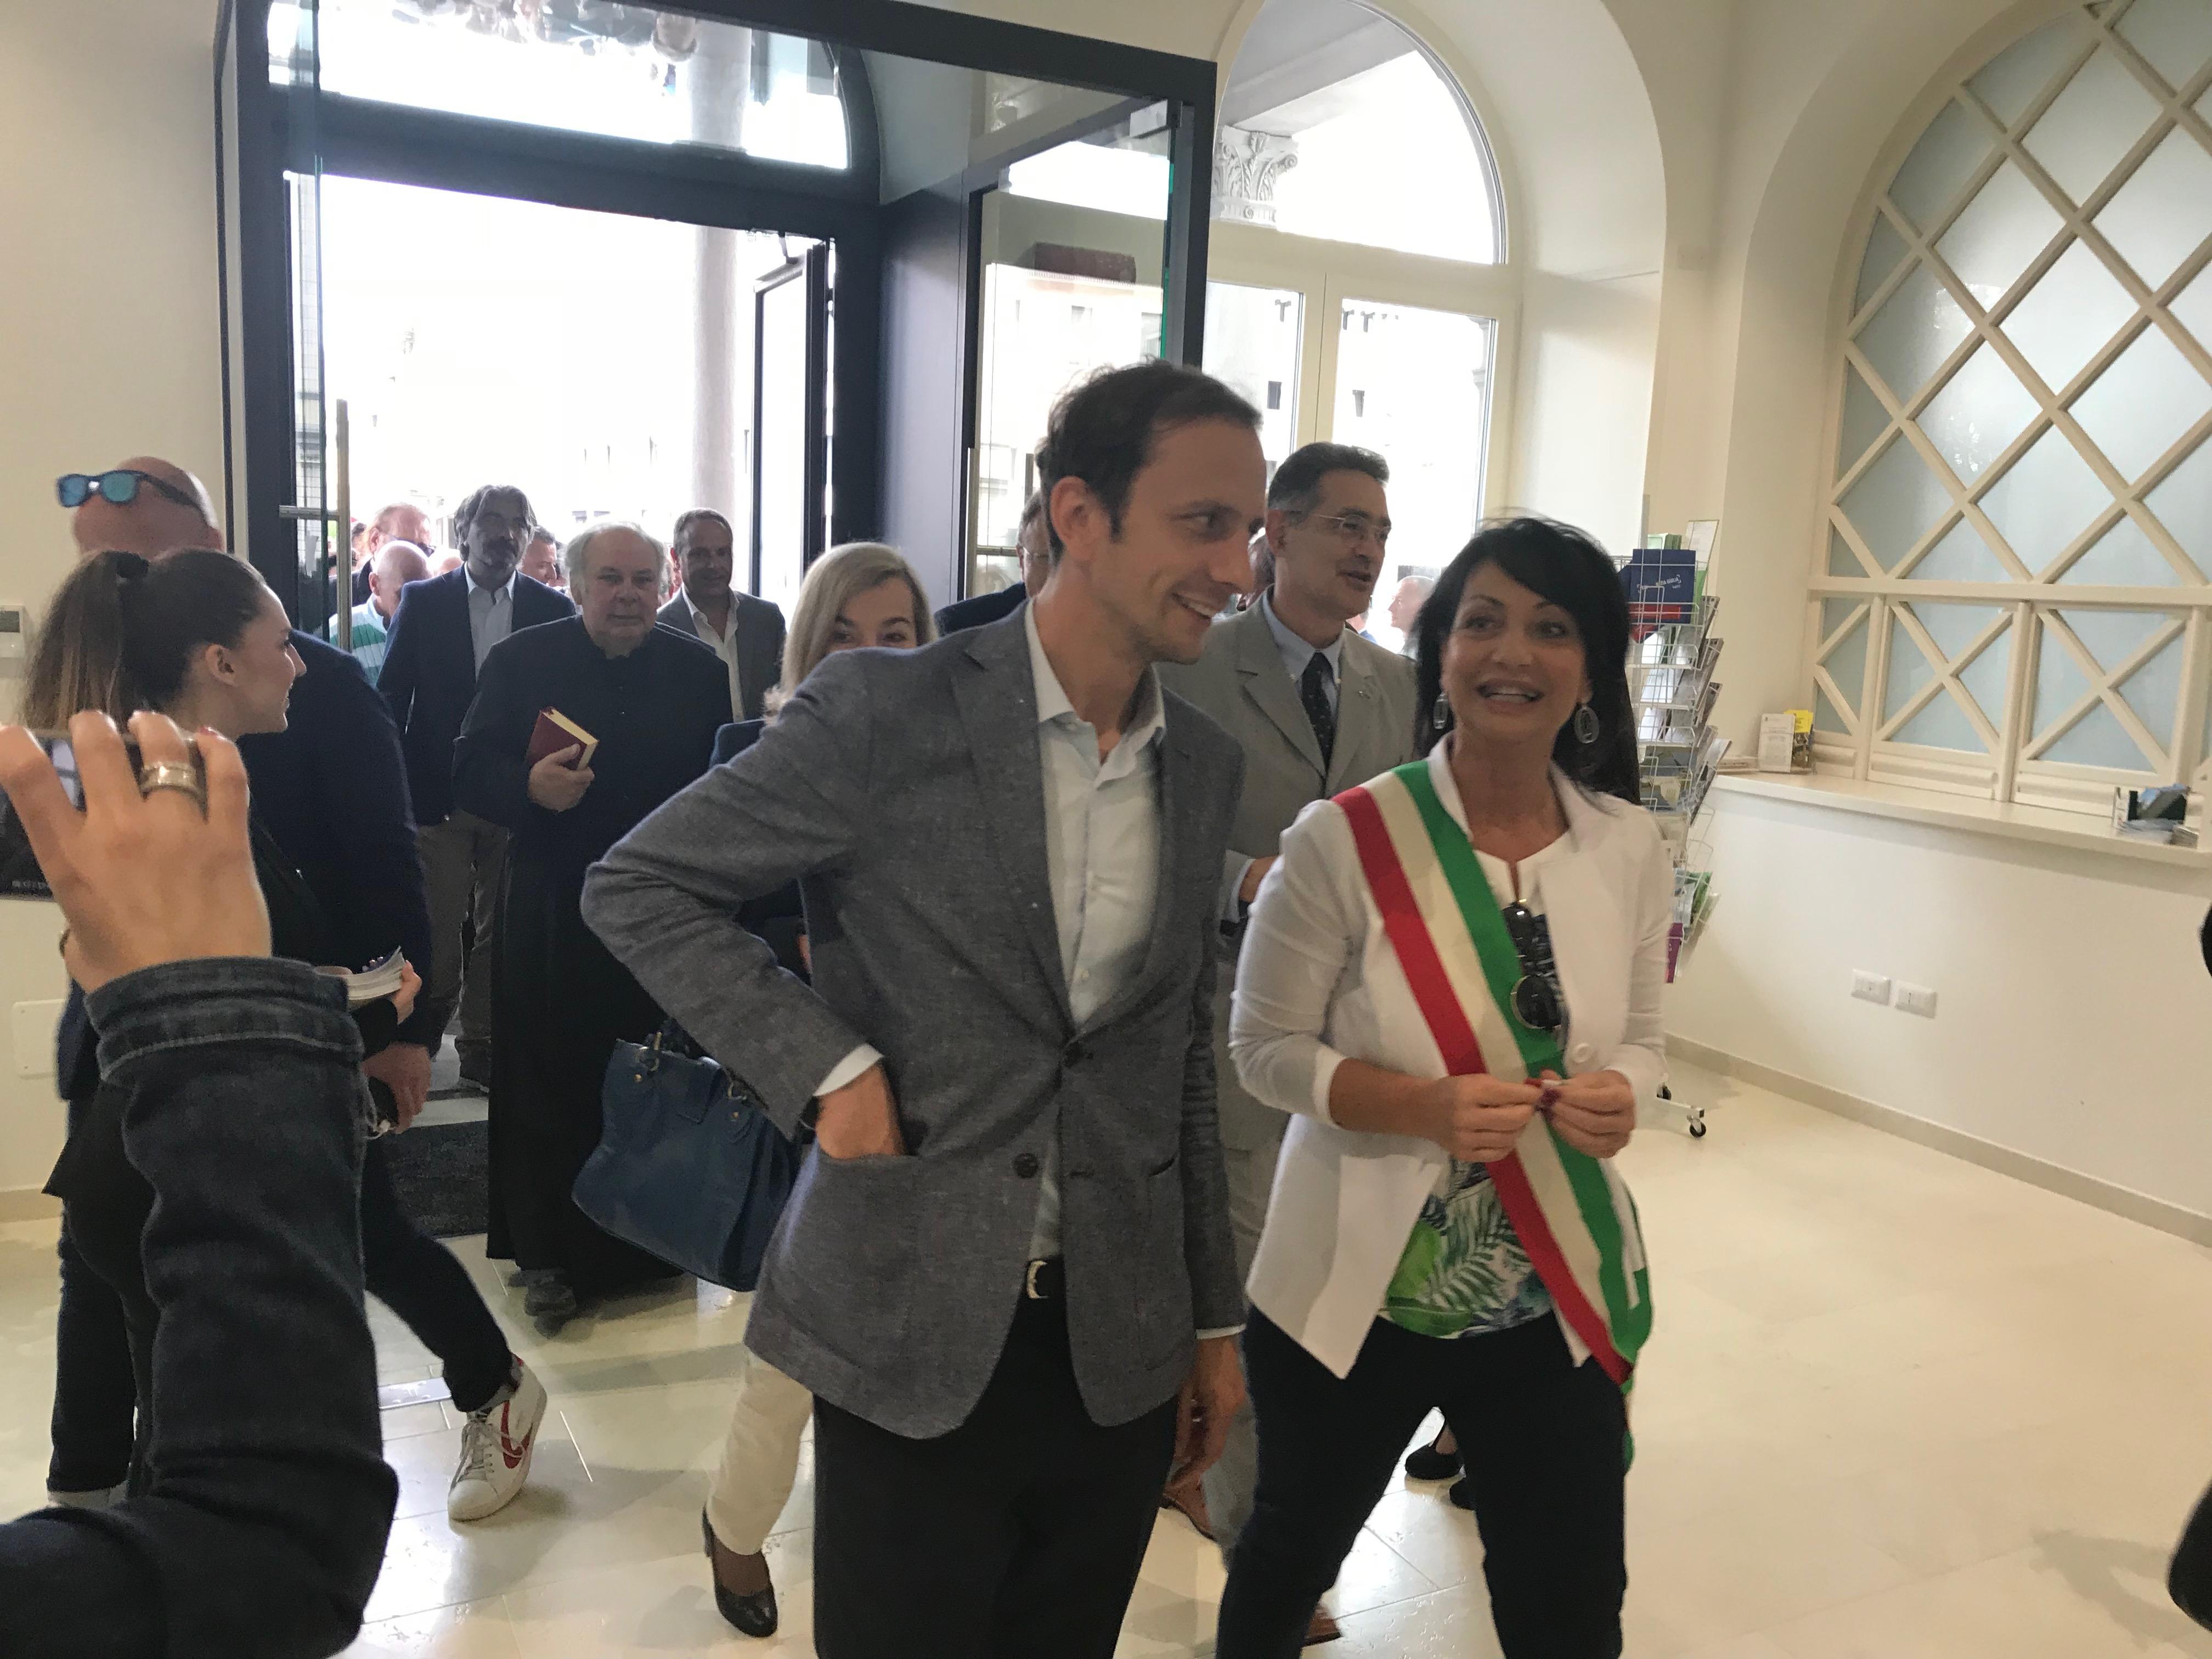 Ufficio Lavoro Monfalcone : Regione autonoma friuli venezia giulia notizie dalla giunta